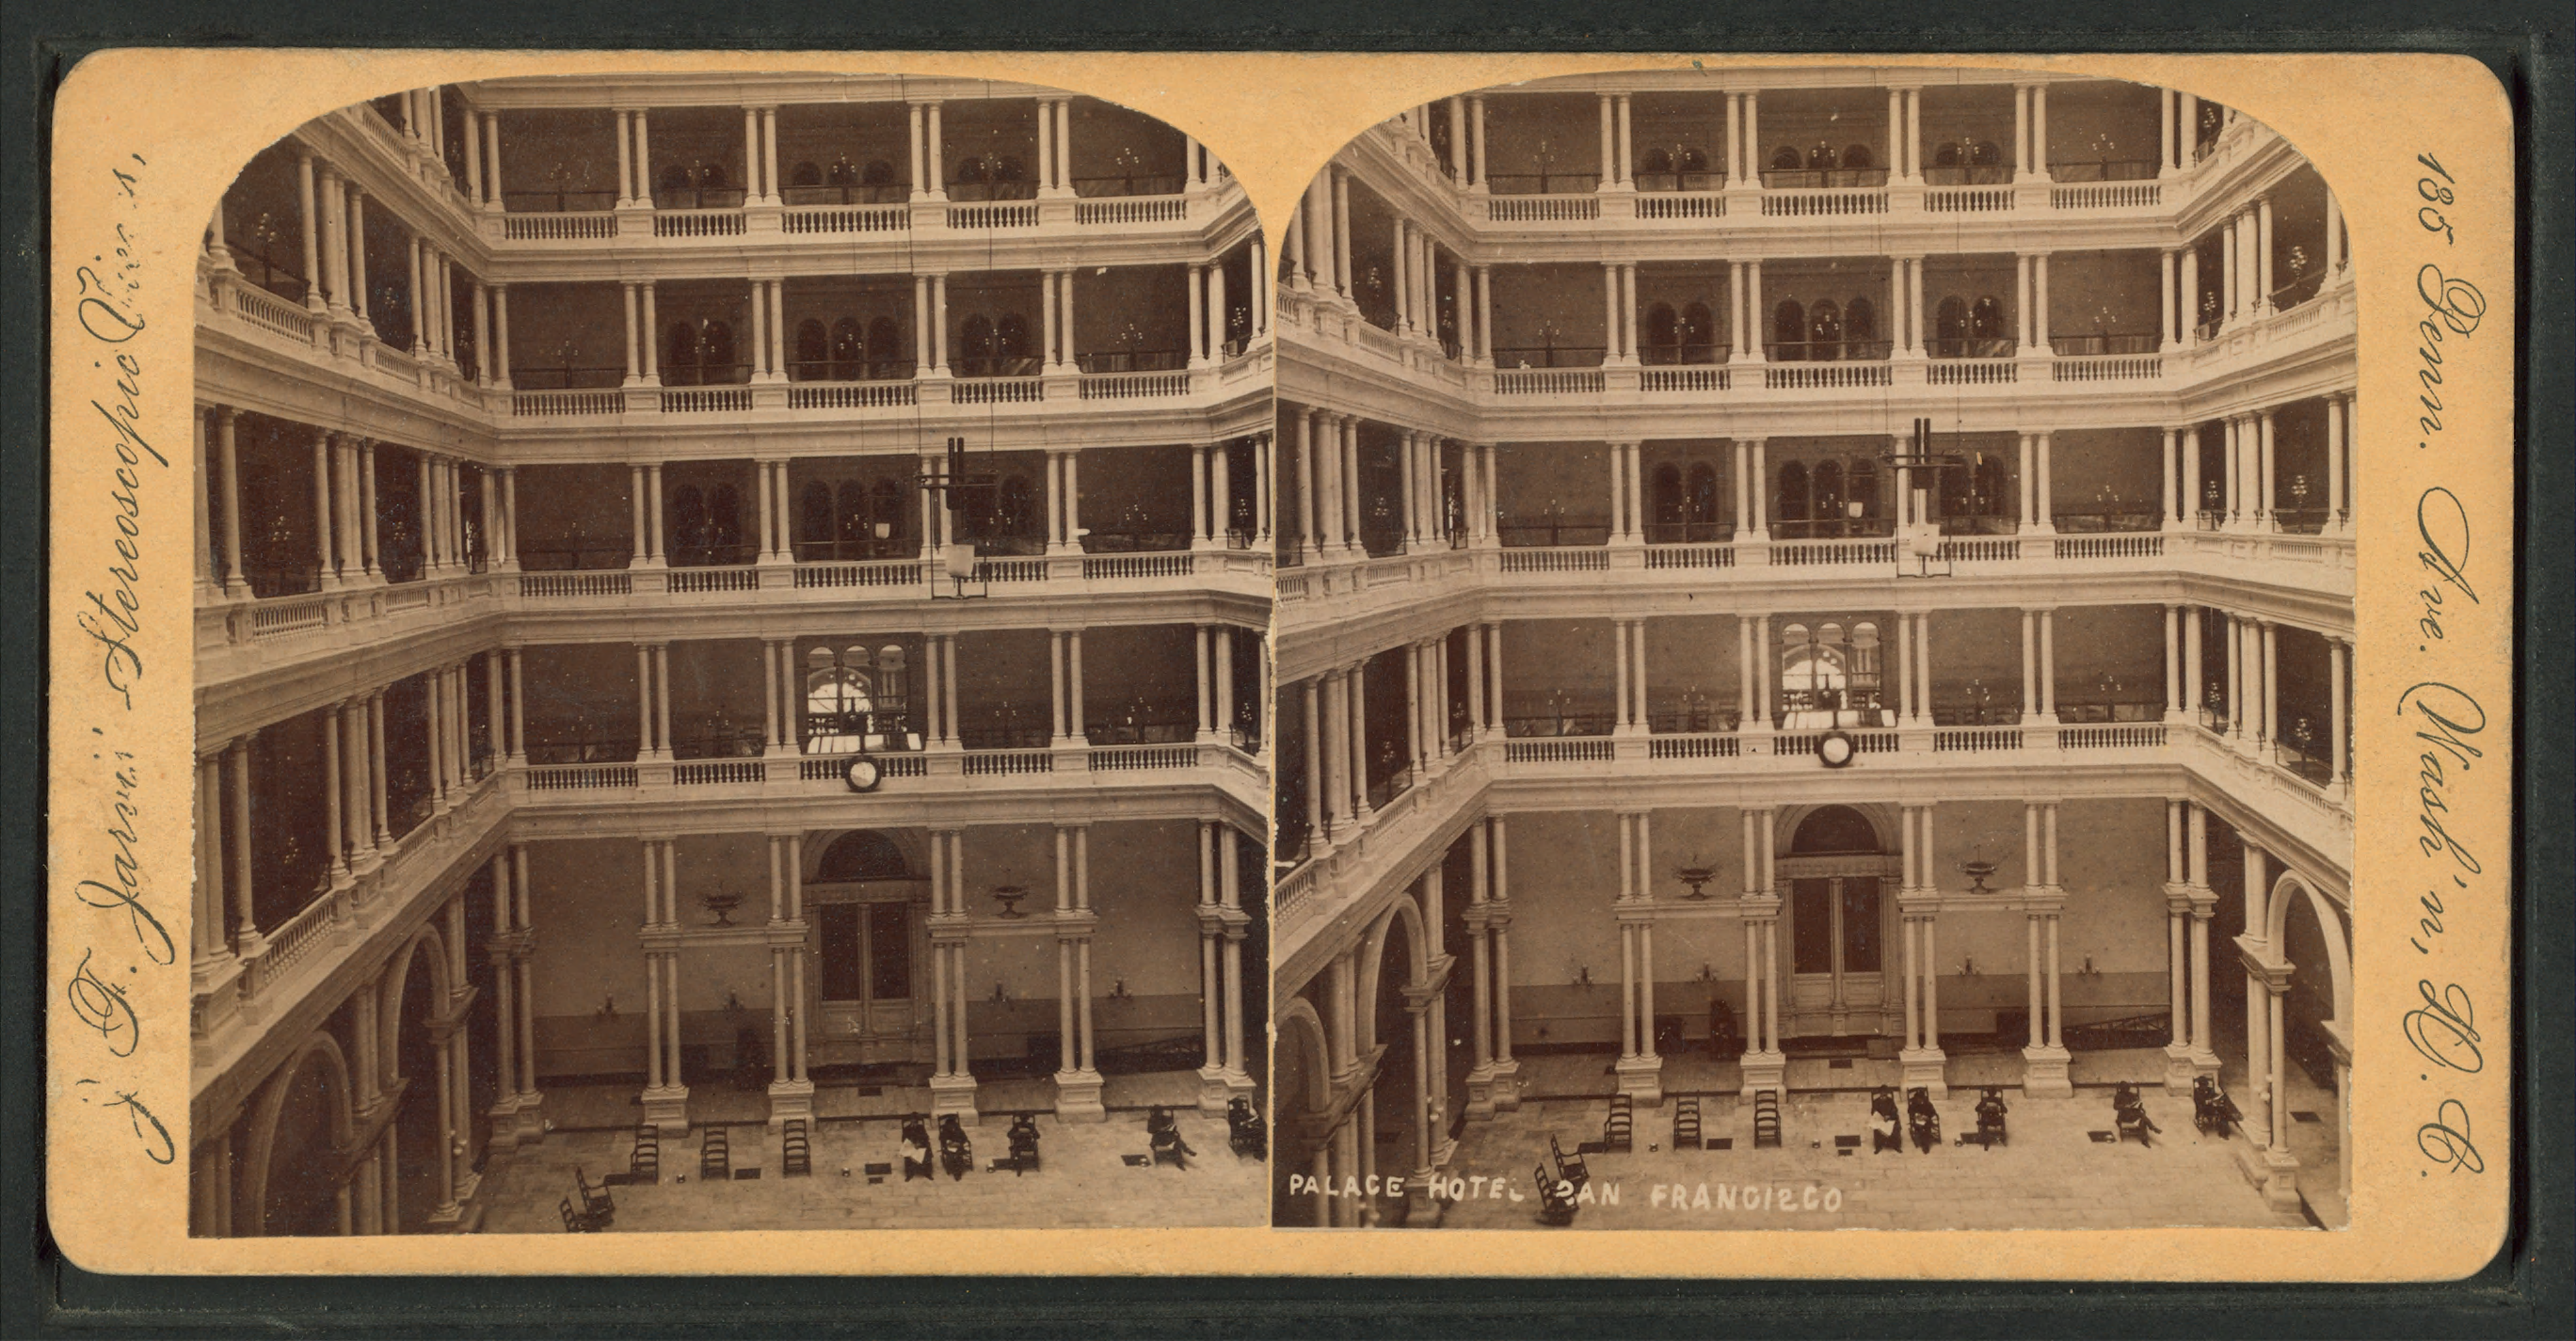 Palace Hotel San Francisco Rooms